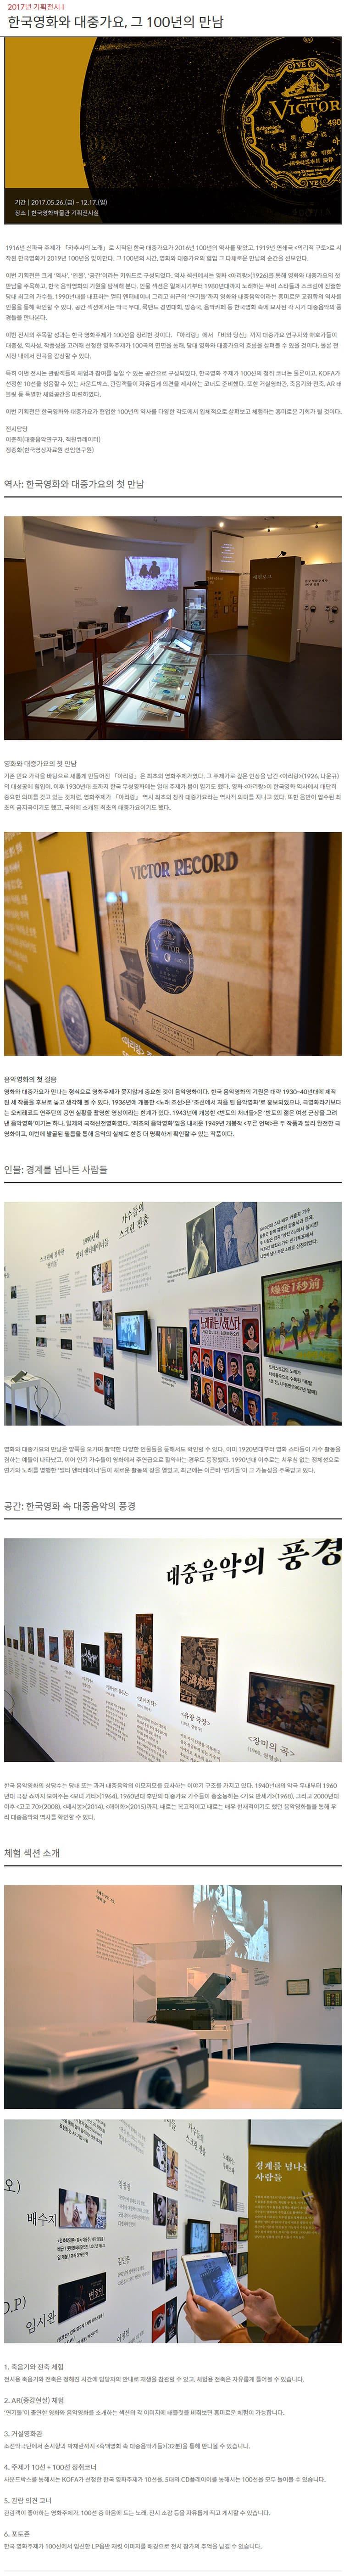 2017년 기획전시 I 한국영화와 대중가요, 그 100년의 만남 기간 2017.05.26(금) ~ 12.17(일) 장소 한국영화박물관 기획전시실 1916년 신파극 주제가 카추샤의 노래로 시작된 한국 대중가요가 2016년 100년의 역사를 맞았고, 1919년 연쇄극 의리적 구토로 시작된 한국영화가 2019년 100년을 맞이한다. 그 100년의 시간, 영화와 대중가요의 협업 그 다채로운 만남의 순간을 선보인다. 이번 기획전은 크게 역사, 인물, 공간이라는 키워드로 구성되었다. 역사 섹션에서는 영화 아리랑(1926)을 통해 영화와 대중가요의 첫 만남을 주목하고, 한국 음악영화의 기원을 탐색해 본다. 인물 섹션은 일제시기부터 1980년대까지 노래하는 무비 스타들과 스크린에 진출한 당대 최고의 가수들, 1990년대를 대표하는 멀티 엔터테이너 그리고 최근의 연기돌까지 영화와 대중음악이라는 흥미로운 교집합의 역사를 인물을 통해 확인할 수 있다. 공간 섹션에서는 악극 무대, 록밴드 경연대회, 방송국, 음악카페 등 한국영화 속에 묘사된 각 시기 대중음악의 풍경들을 만나본다. 이번 전시의 주목할 성과는 한국 영화주제가 100선을 정리한 것이다. 아리랑에서 비와 당신까지 대중가요 연구자와 애호가들이 대중성, 역사성, 작품성을 고려해 선정한 영화주제가 100곡의 면면을 통해, 당대 영화와 대중가요의 흐름을 살펴볼 수 있을 것이다. 물론 전시장 내에서 전곡을 감상할 수 있다. 특히 이번 전시는 관람객들의 체험과 참여를 높일 수 있는 공간으로 구성되었다. 한국영화 주제가 100선의 청취 코너는 물론이고, KOFA가 선정한 10선을 청음할 수 있는 사운드박스, 관람객들이 자유롭게 의견을 제시하는 코너도 준비했다. 또한 거실영화관, 축음기와 전축, AR 태블릿 등 특별한 체험공간을 마련하였다. 이번 기획전은 한국영화와 대중가요가 협업한 100년의 역사를 다양한 각도에서 입체적으로 살펴보고 체험하는 흥미로운 기회가 될 것이다. 전시담당 이준희(대중음악연구자, 객원큐레이터) 정종화(한국영상자료원 선임연구원) 역사: 한국영화와 대중가요의 첫 만남 영화와 대중가요의 첫 만남 기존 민요 가락을 바탕으로 새롭게 만들어진 아리랑은 최초의 영화주제가였다. 그 주제가로 깊은 인상을 남긴 아리랑(1926, 나운규)의 대성공에 힘입어, 이후 1930년대 초까지 한국 무성영화에는 일대 주제가 붐이 일기도 했다. 영화 아리랑이 한국영화 역사에서 대단히 중요한 의미를 갖고 있는 것처럼, 영화주제가 아리랑 역시 최초의 창작 대중가요라는 역사적 의미를 지니고 있다. 또한 음반이 압수된 최초의 금지곡이기도 했고, 국외에 소개된 최초의 대중가요이기도 했다. 음악영화의 첫 걸음 영화와 대중가요가 만나는 형식으로 영화주제가 못지않게 중요한 것이 음악영화이다. 한국 음악영화의 기원은 대략 1930~40년대에 제작된 세 작품을 후보로 놓고 생각해 볼 수 있다. 1936년에 개봉한 노래 조선은 조선에서 처음 된 음악영화로 홍보되었으나, 극영화라기보다는 오케레코드 연주단의 공연 실황을 촬영한 영상이라는 한계가 있다. 1943년에 개봉한 반도의 처녀들은 반도의 젊은 여성 군상을 그려낸 음악영화이기는 하나, 일제의 국책선전영화였다. 최초의 음악영화임을 내세운 1949년 개봉작 푸른 언덕은 두 작품과 달리 완전한 극영화이고, 이번에 발굴된 필름을 통해 음악의 실체도 한층 더 명확하게 확인할 수 있는 작품이다. 인물: 경계를 넘나든 사람들 영화와 대중가요의 만남은 양쪽을 오가며 활약한 다양한 인물들을 통해서도 확인할 수 있다. 이미 1920년대부터 영화 스타들이 가수 활동을 겸하는 예들이 나타났고, 이어 인기 가수들이 영화에서 주연급으로 활약하는 경우도 등장했다. 1990년대 이후로는 치우침 없는 정체성으로 연기와 노래를 병행한 멀티 엔터테이너들이 새로운 활동의 장을 열었고, 최근에는 이른바 '연기돌'이 그 가능성을 주목받고 있다. 공간: 한국영화 속 대중음악의 풍경 한국 음악영화의 상당수는 당대 또는 과거 대중음악의 이모저모를 묘사하는 이야기 구조를 가지고 있다. 1940년대의 악극 무대부